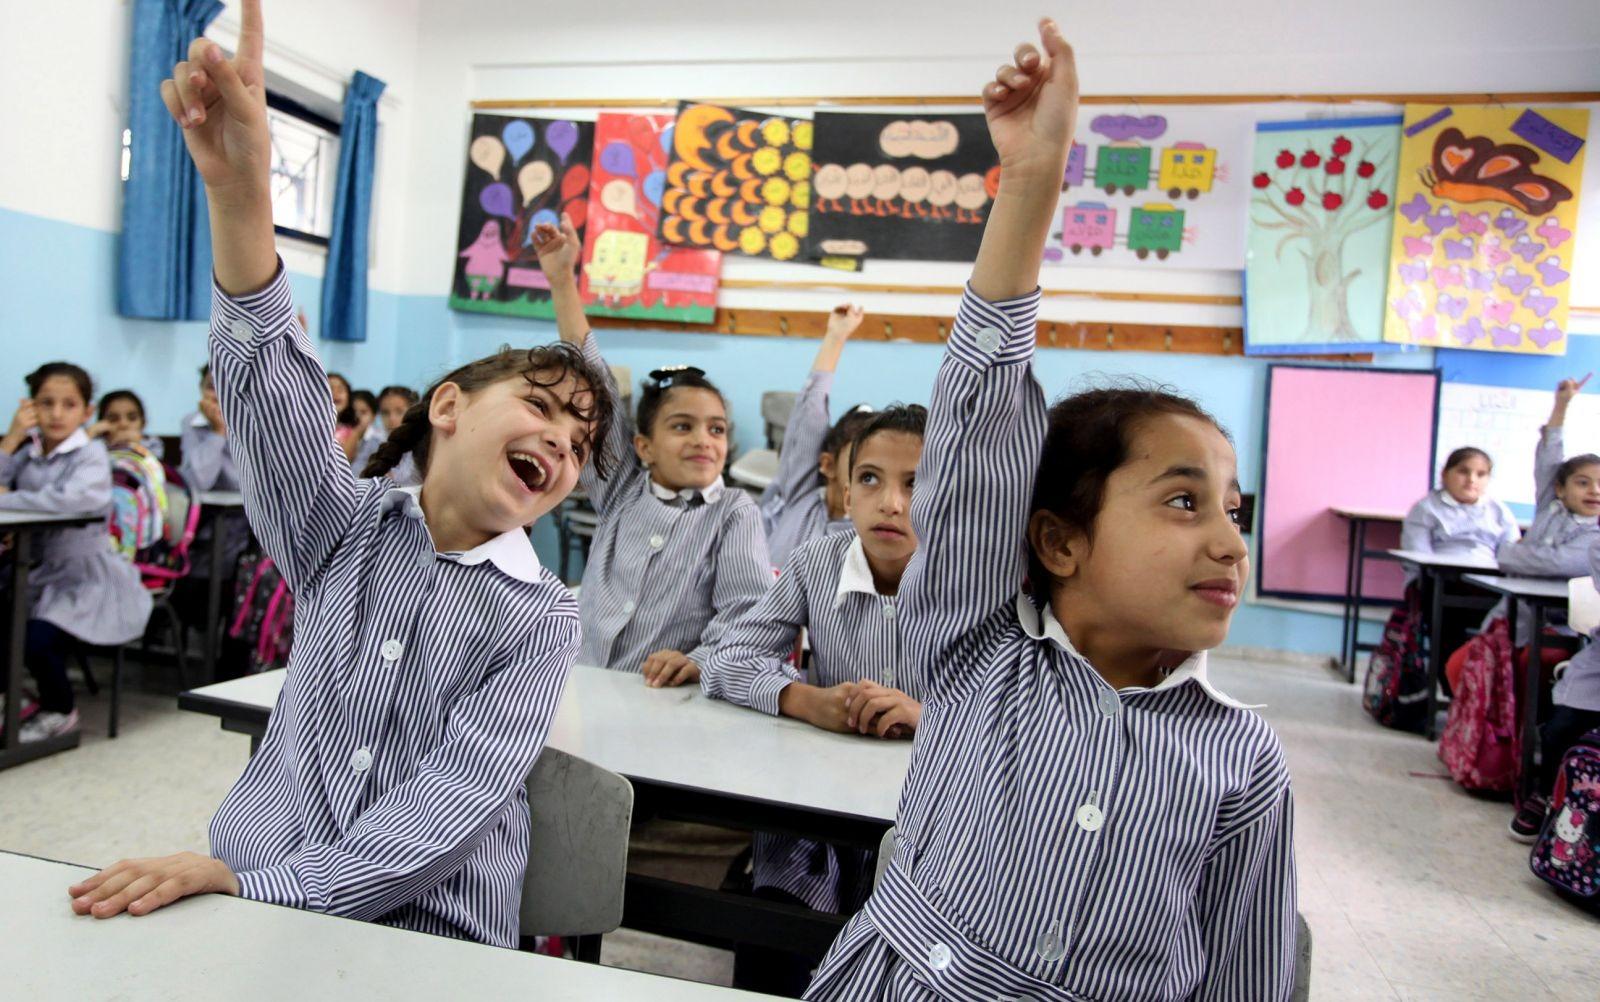 عضو لجنة التعليم بالبرلمان : «التابلت» سيكون متوفرا بالمدارس قبل بداية العام الدراسي